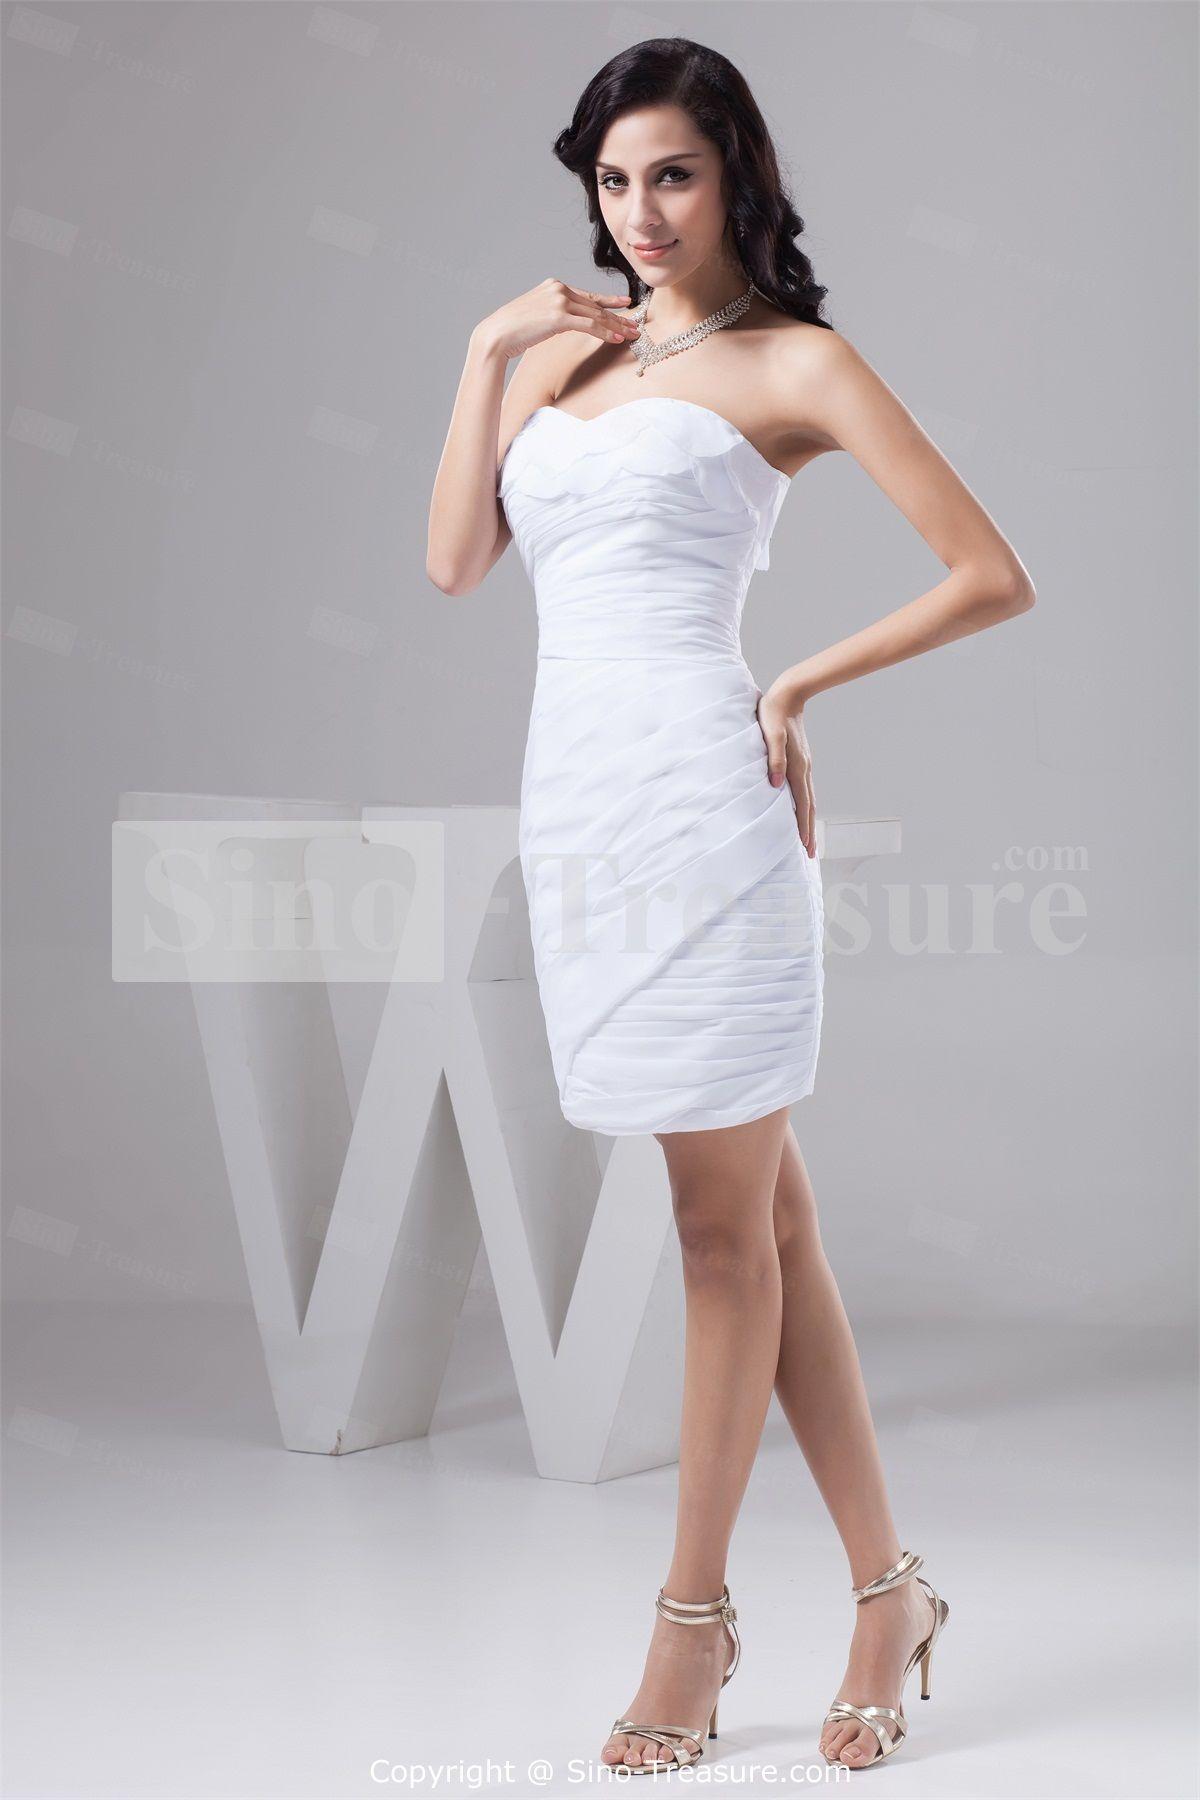 White short wedding dresses  White Short Mini Chiffon Strapless Summer Bridesmaid Dresses